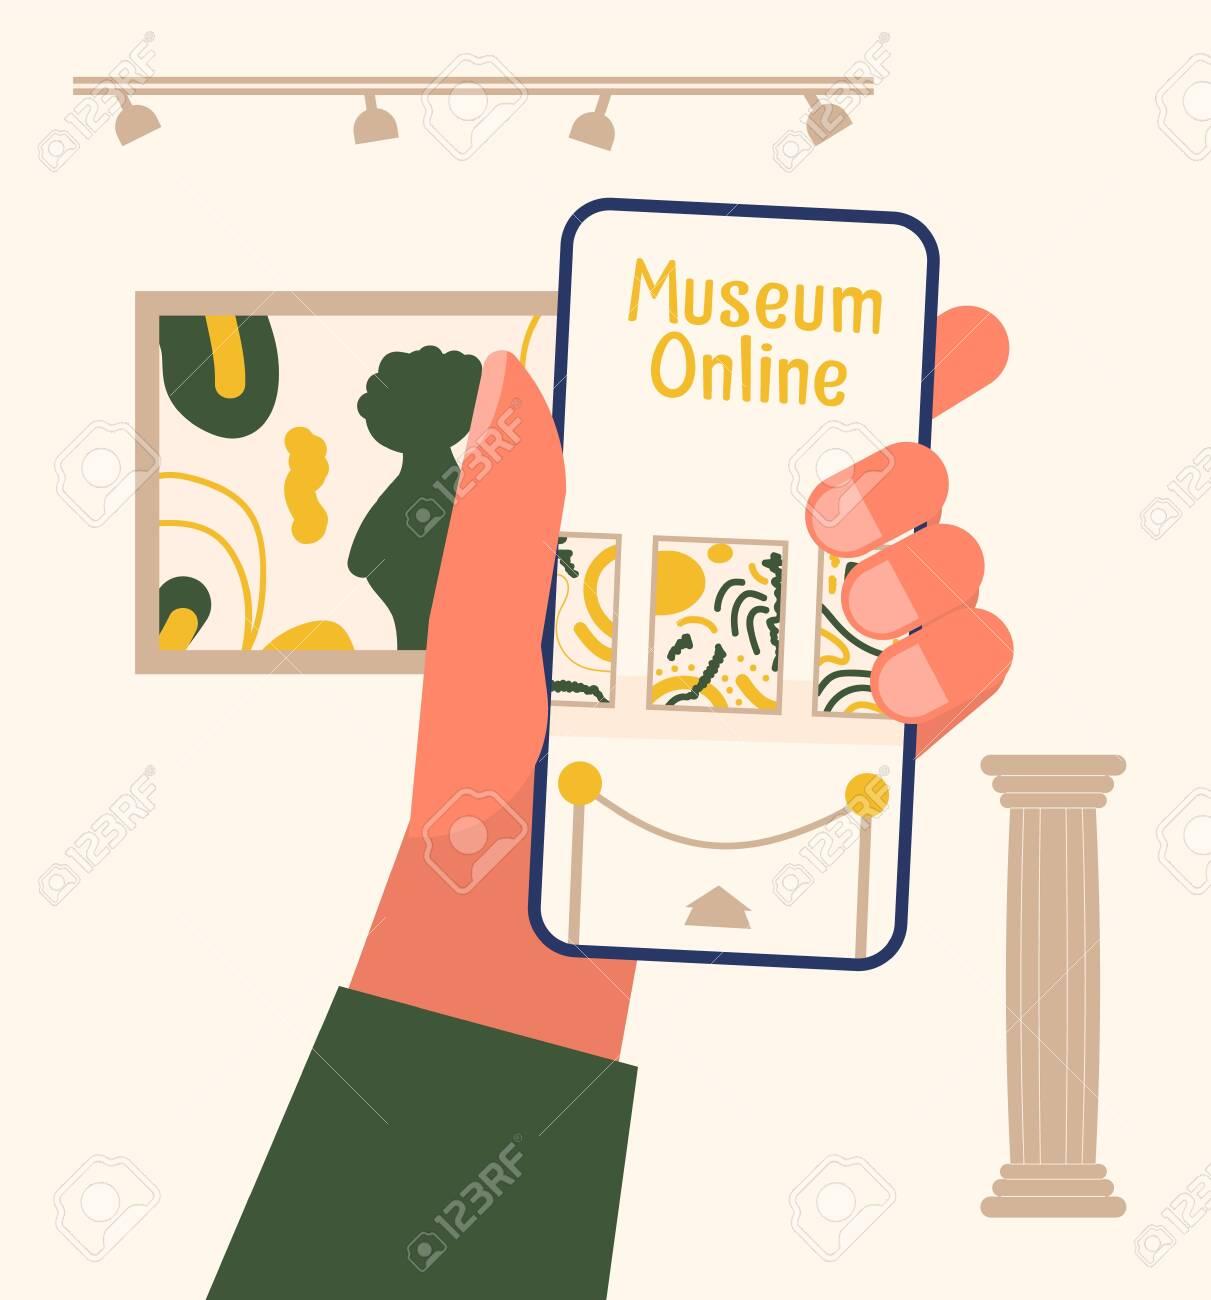 Museum exhibit online concept. - 144837622